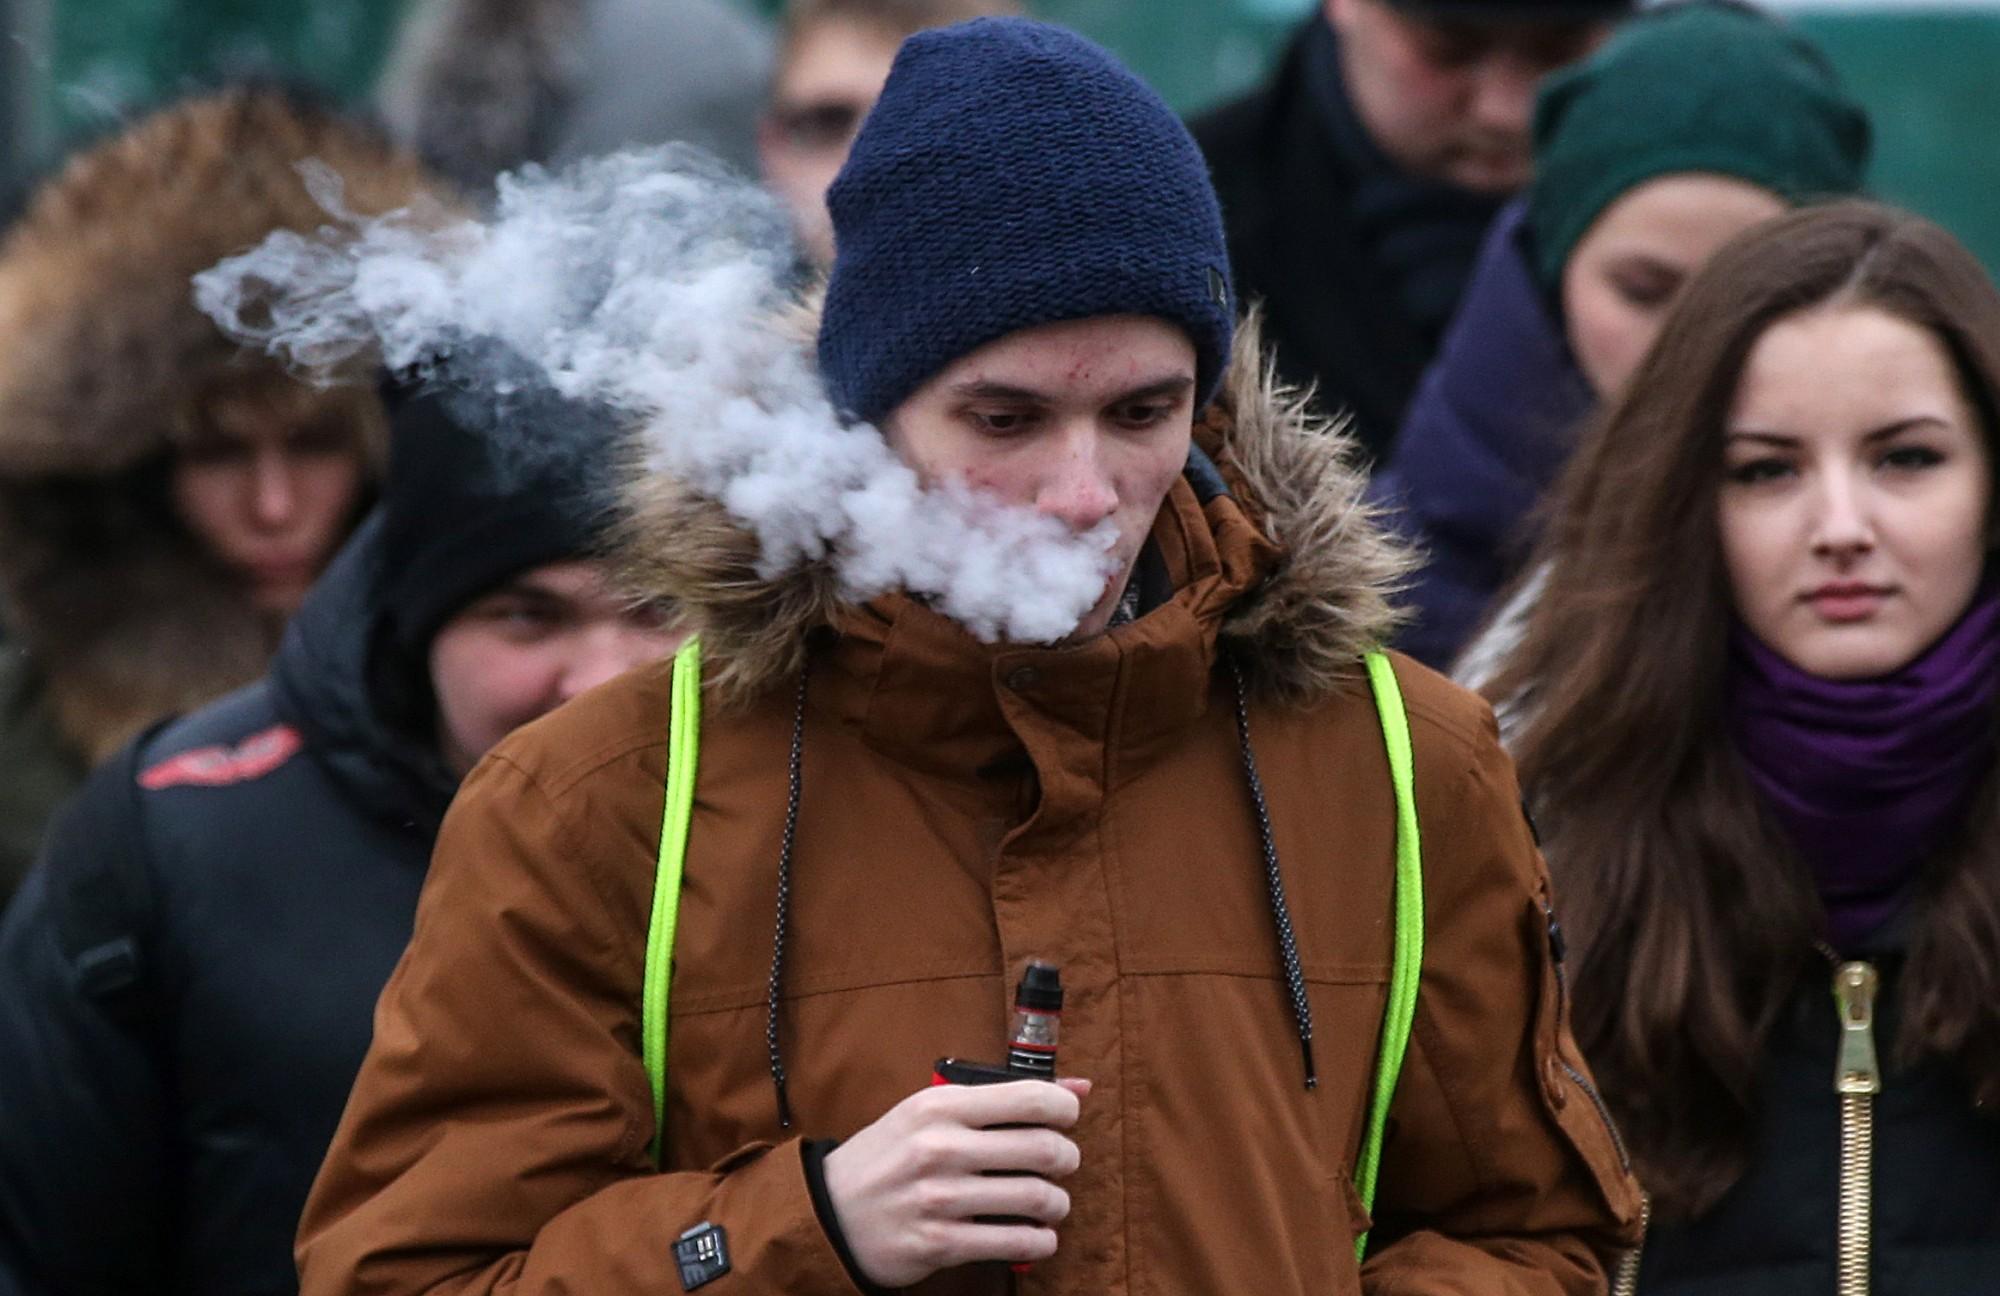 Puikas pīpē elektroniskās cigaretes